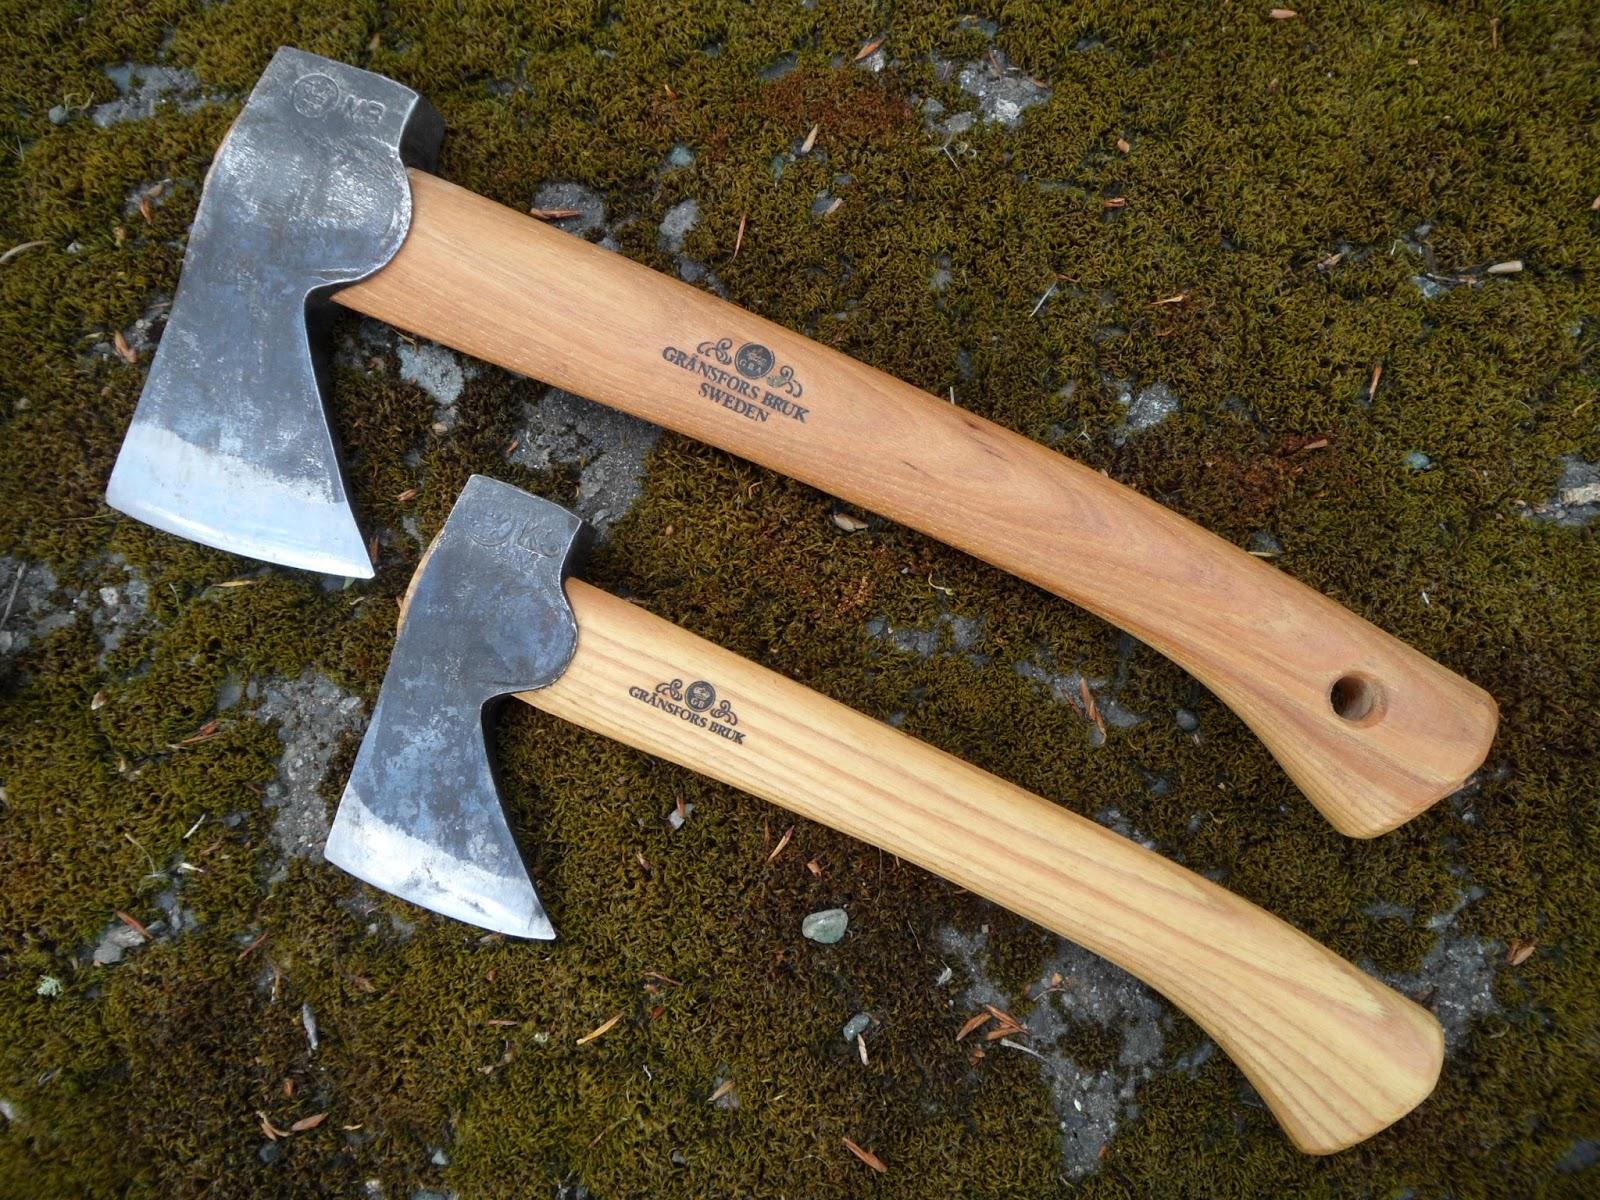 Wood Trekker: Craftsman 1.25lb Camp Axe (Wooden Handle) Review  |Hatchet